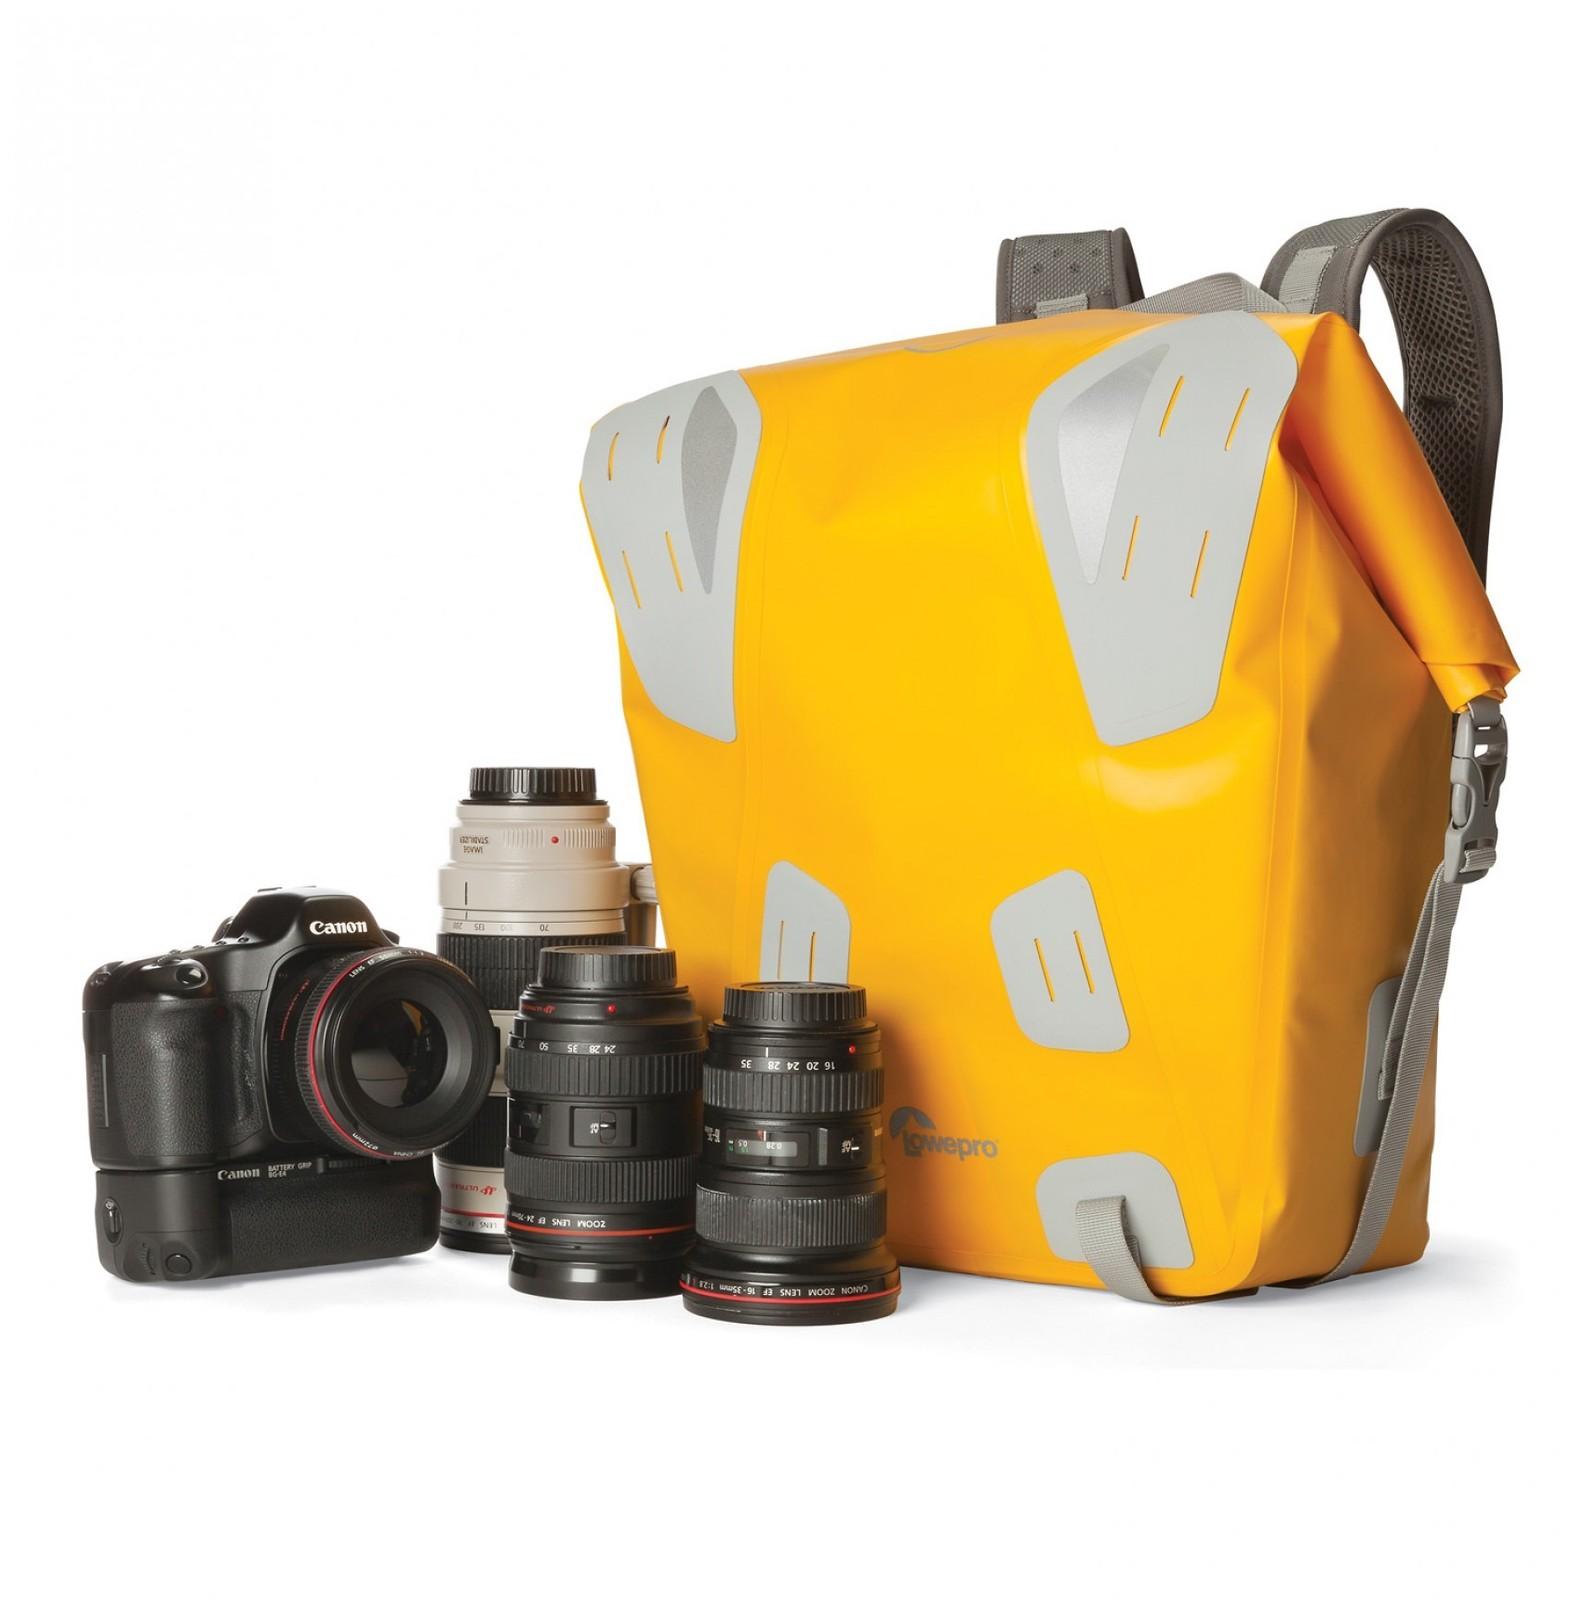 Lowepro DryZone BP 40L Backpack Lowepro DryZone BP 40L Backpack